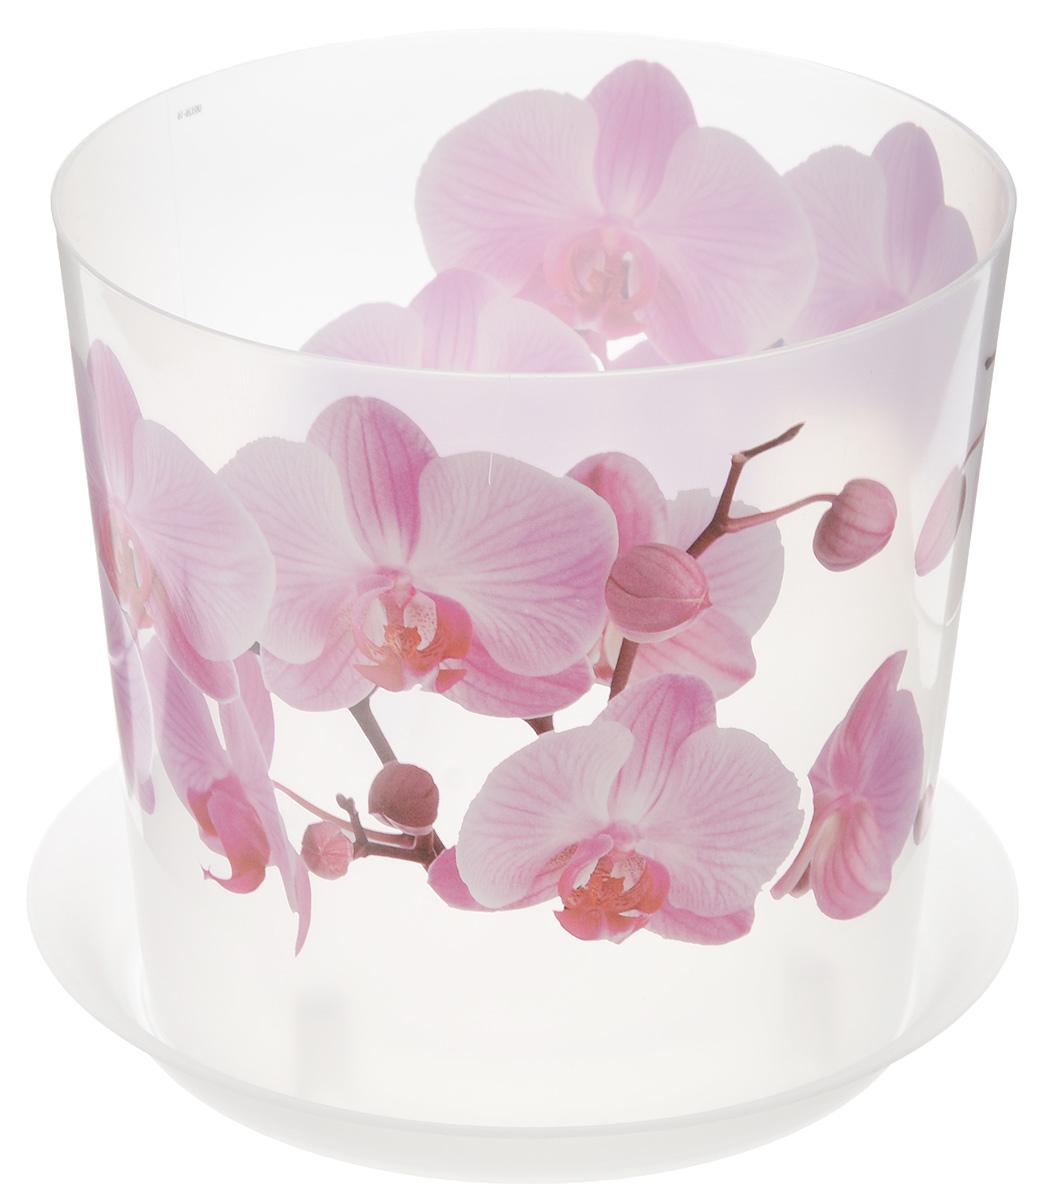 Кашпо Idea Деко, с подставкой, цвет: прозрачный, розовый, 2,4 л531-306Кашпо Idea Деко изготовлено из высококачественного полипропилена. Специальный поддон предназначен для стока воды. Изделие прекрасно подходит для выращивания растений и цветов в домашних условиях. Лаконичный дизайн впишется в интерьер любого помещения. Диаметр поддона: 17,5 см. Диаметр кашпо по верхнему краю: 16 см.Высота кашпо: 15 см.Объем кашпо: 2,4 л.